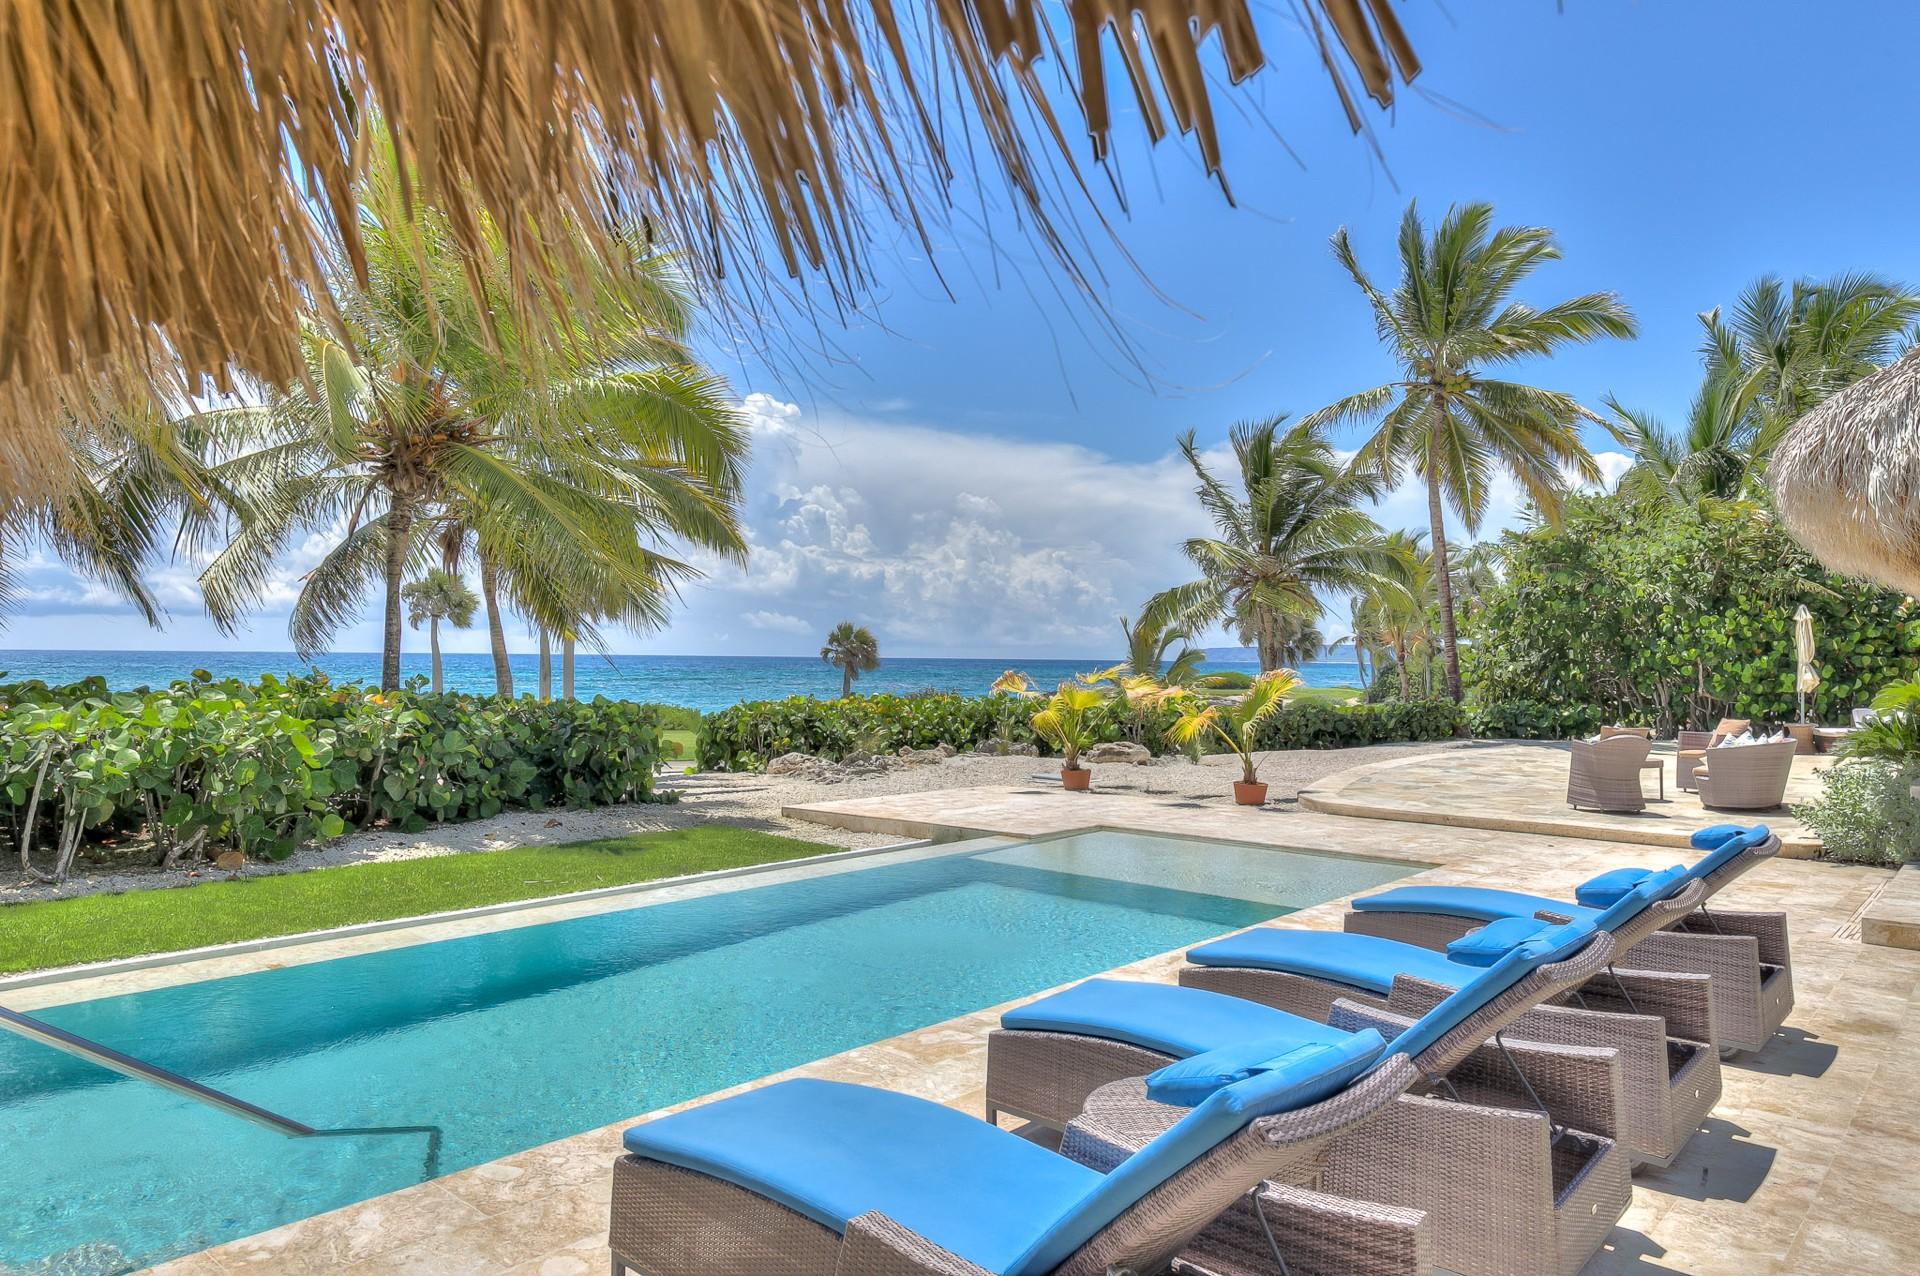 Punta cana vacation rentals punta cana dominican republic for Punta cana dominican republic vacation